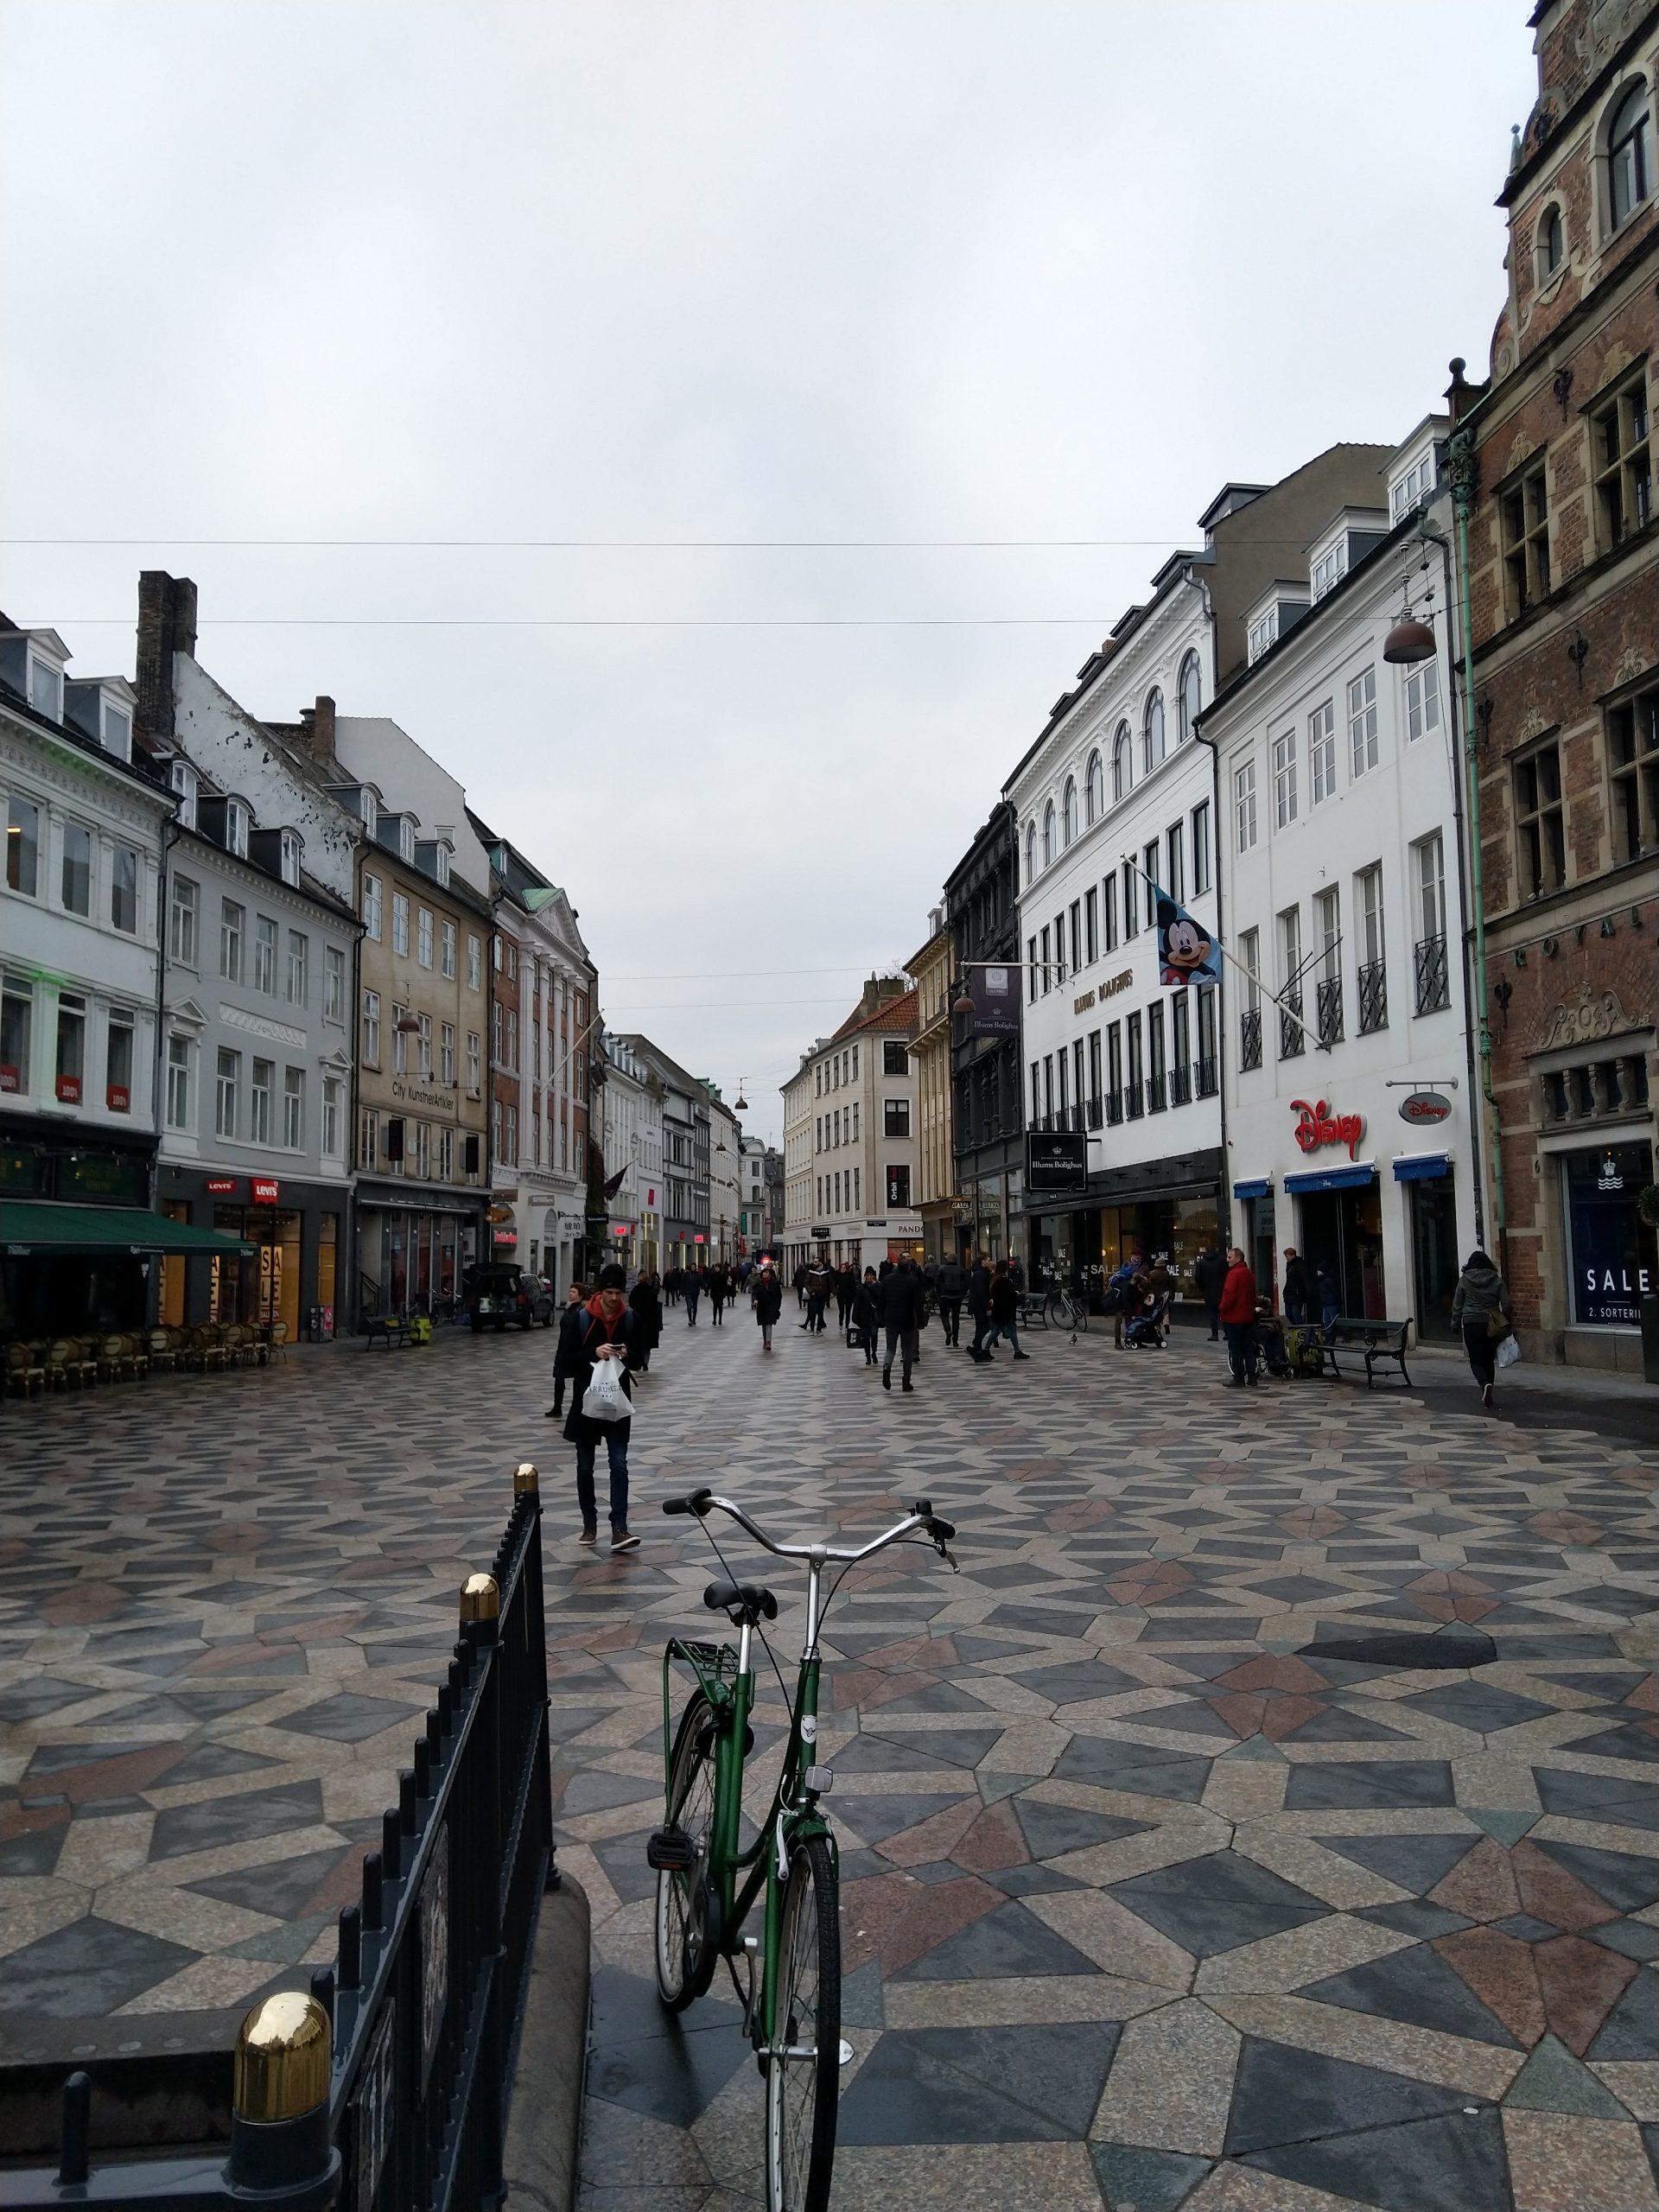 Het uitzicht op een winkelstraat in Kopenhagen